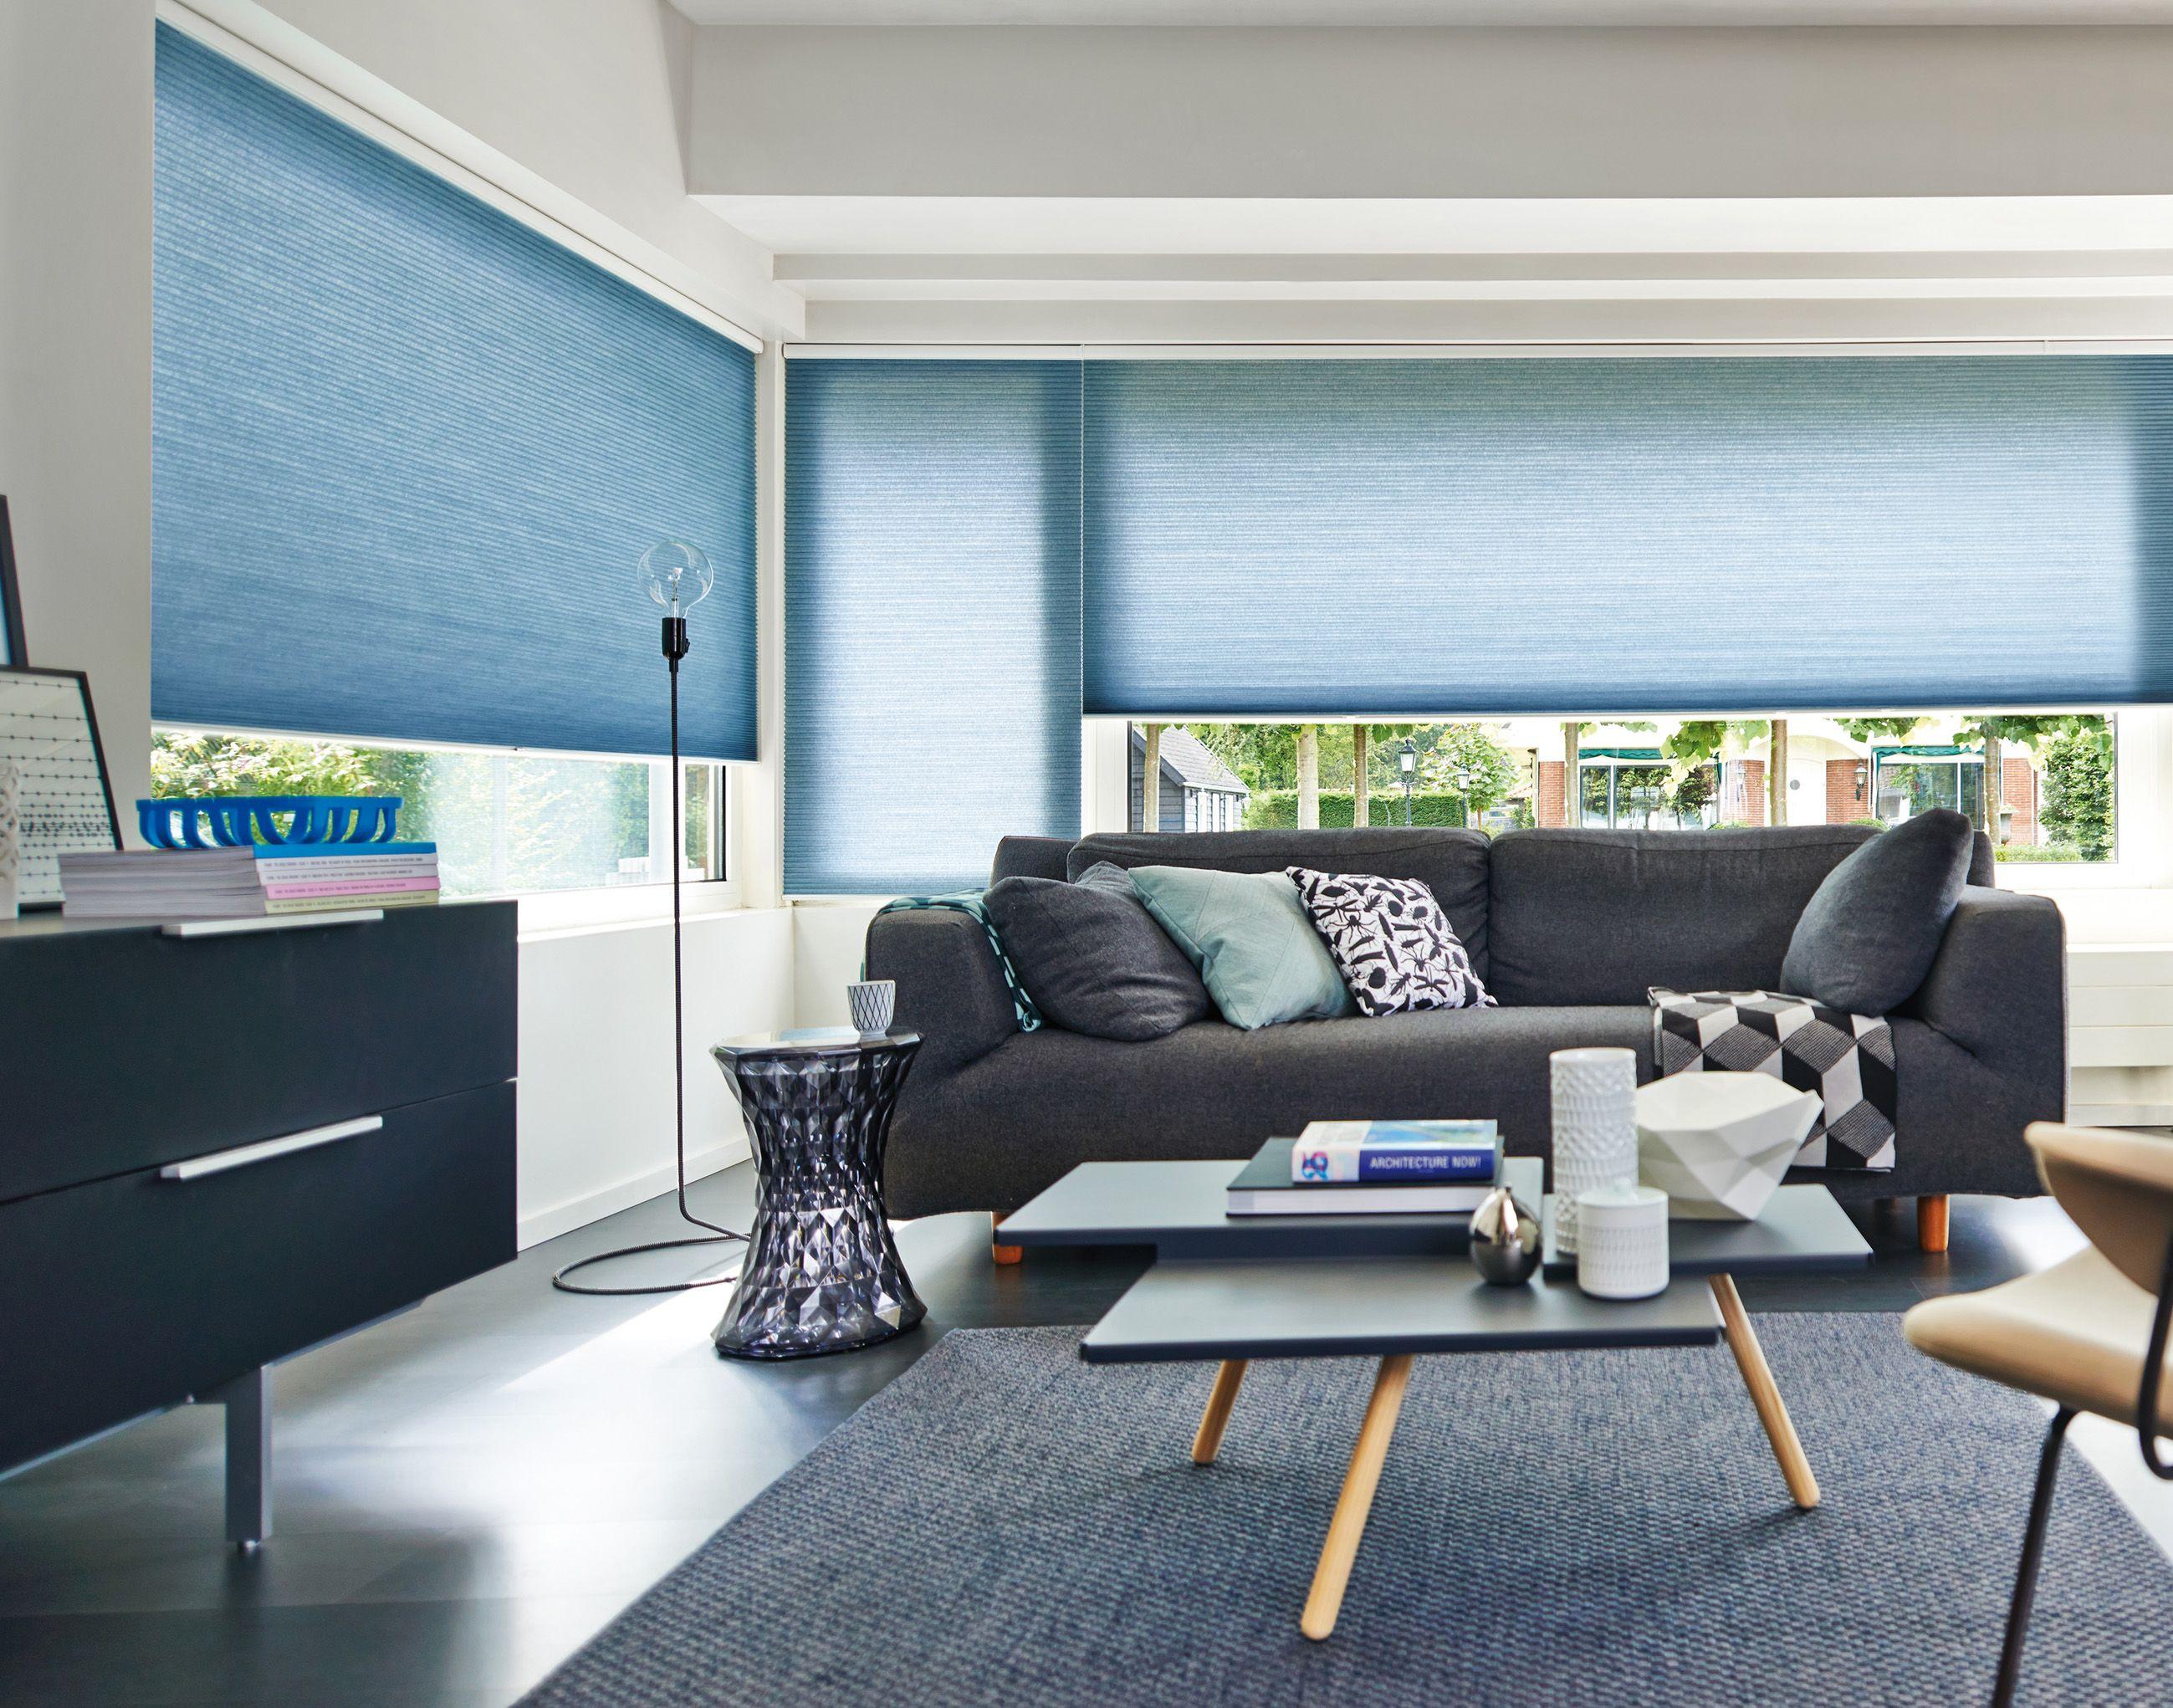 moderne fenster im wohnzimmer : Duette Leha Wohnzimmer Pinned By Www Wagner Fenster At